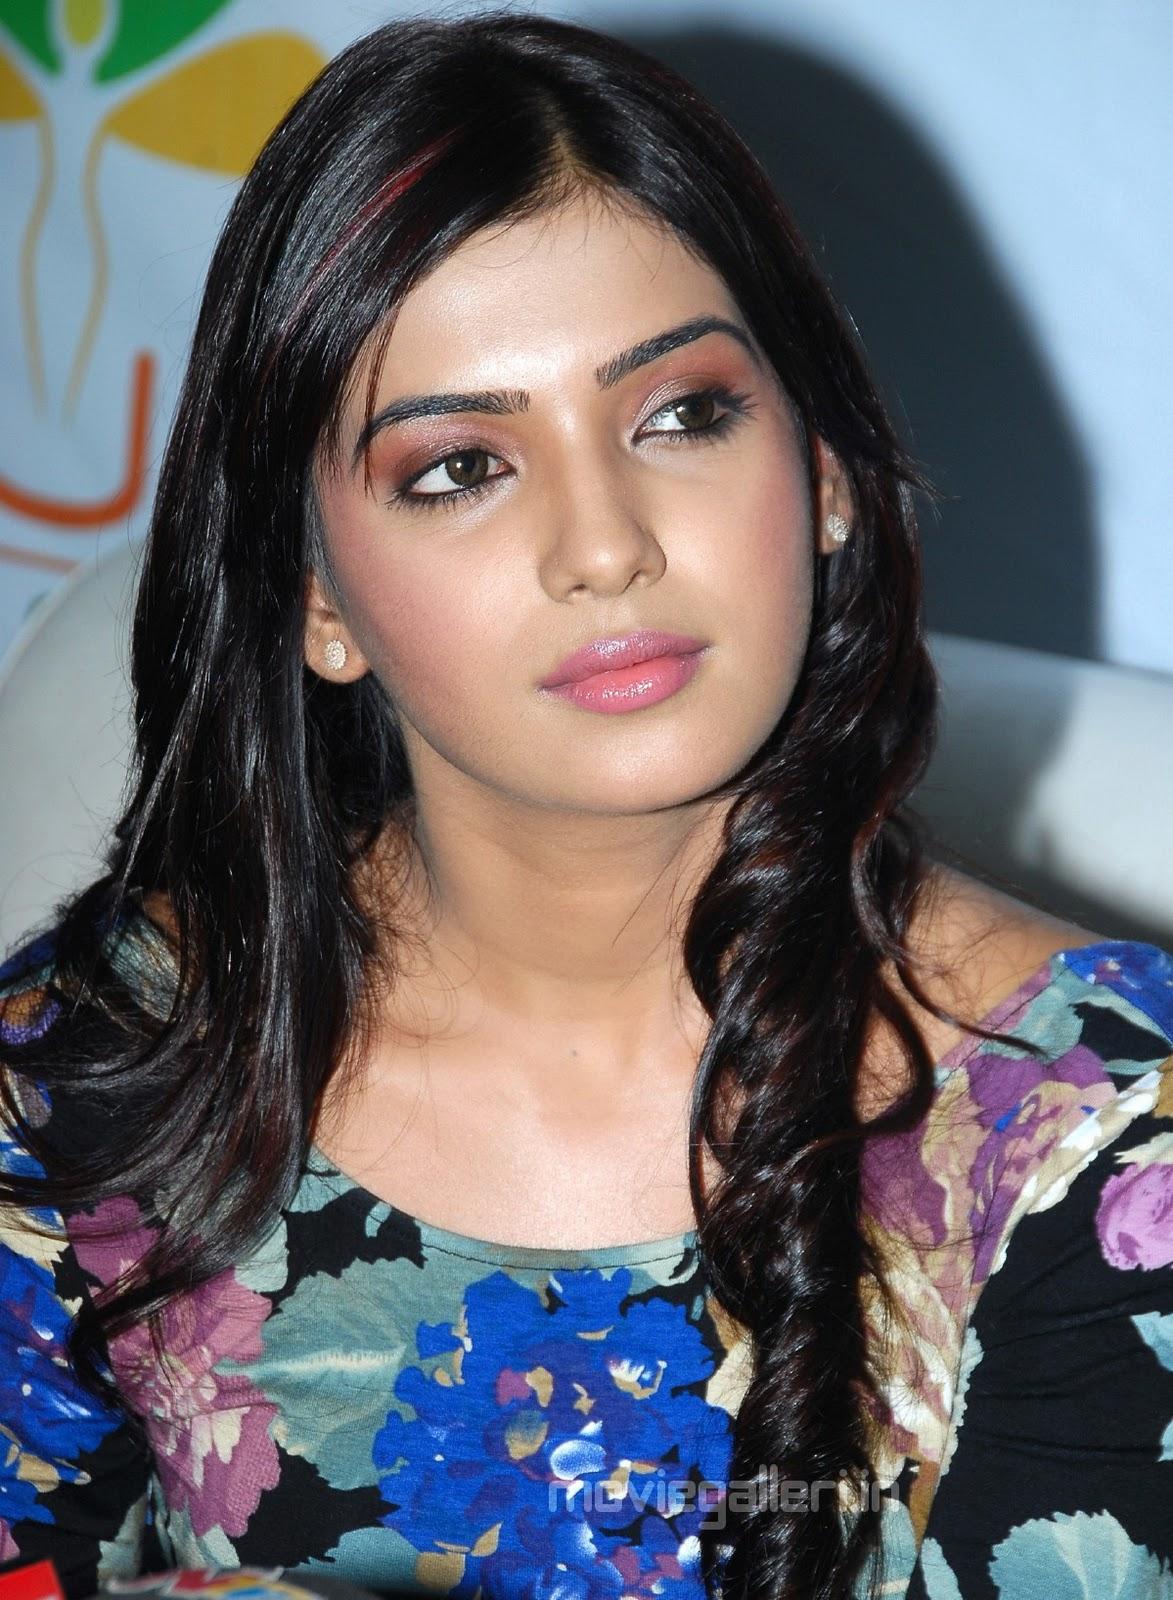 Samantha In Saree: Samantha Ruth Prabhu